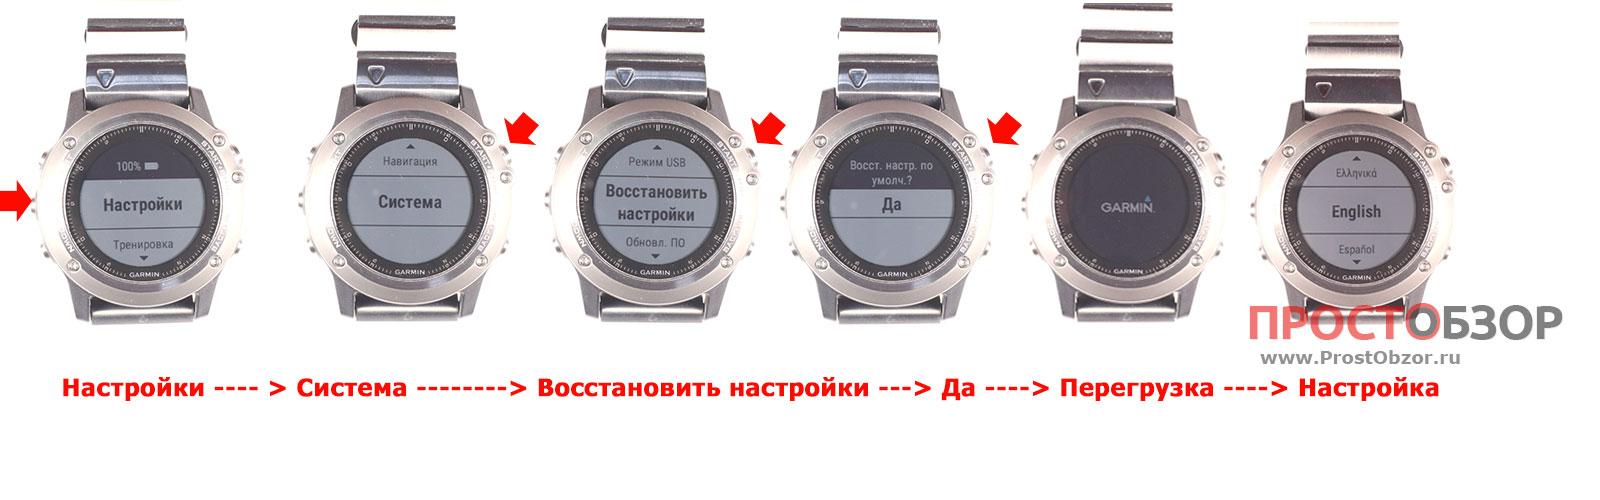 Как сбросить настройки часов Garmin Fenix 3 : программный и